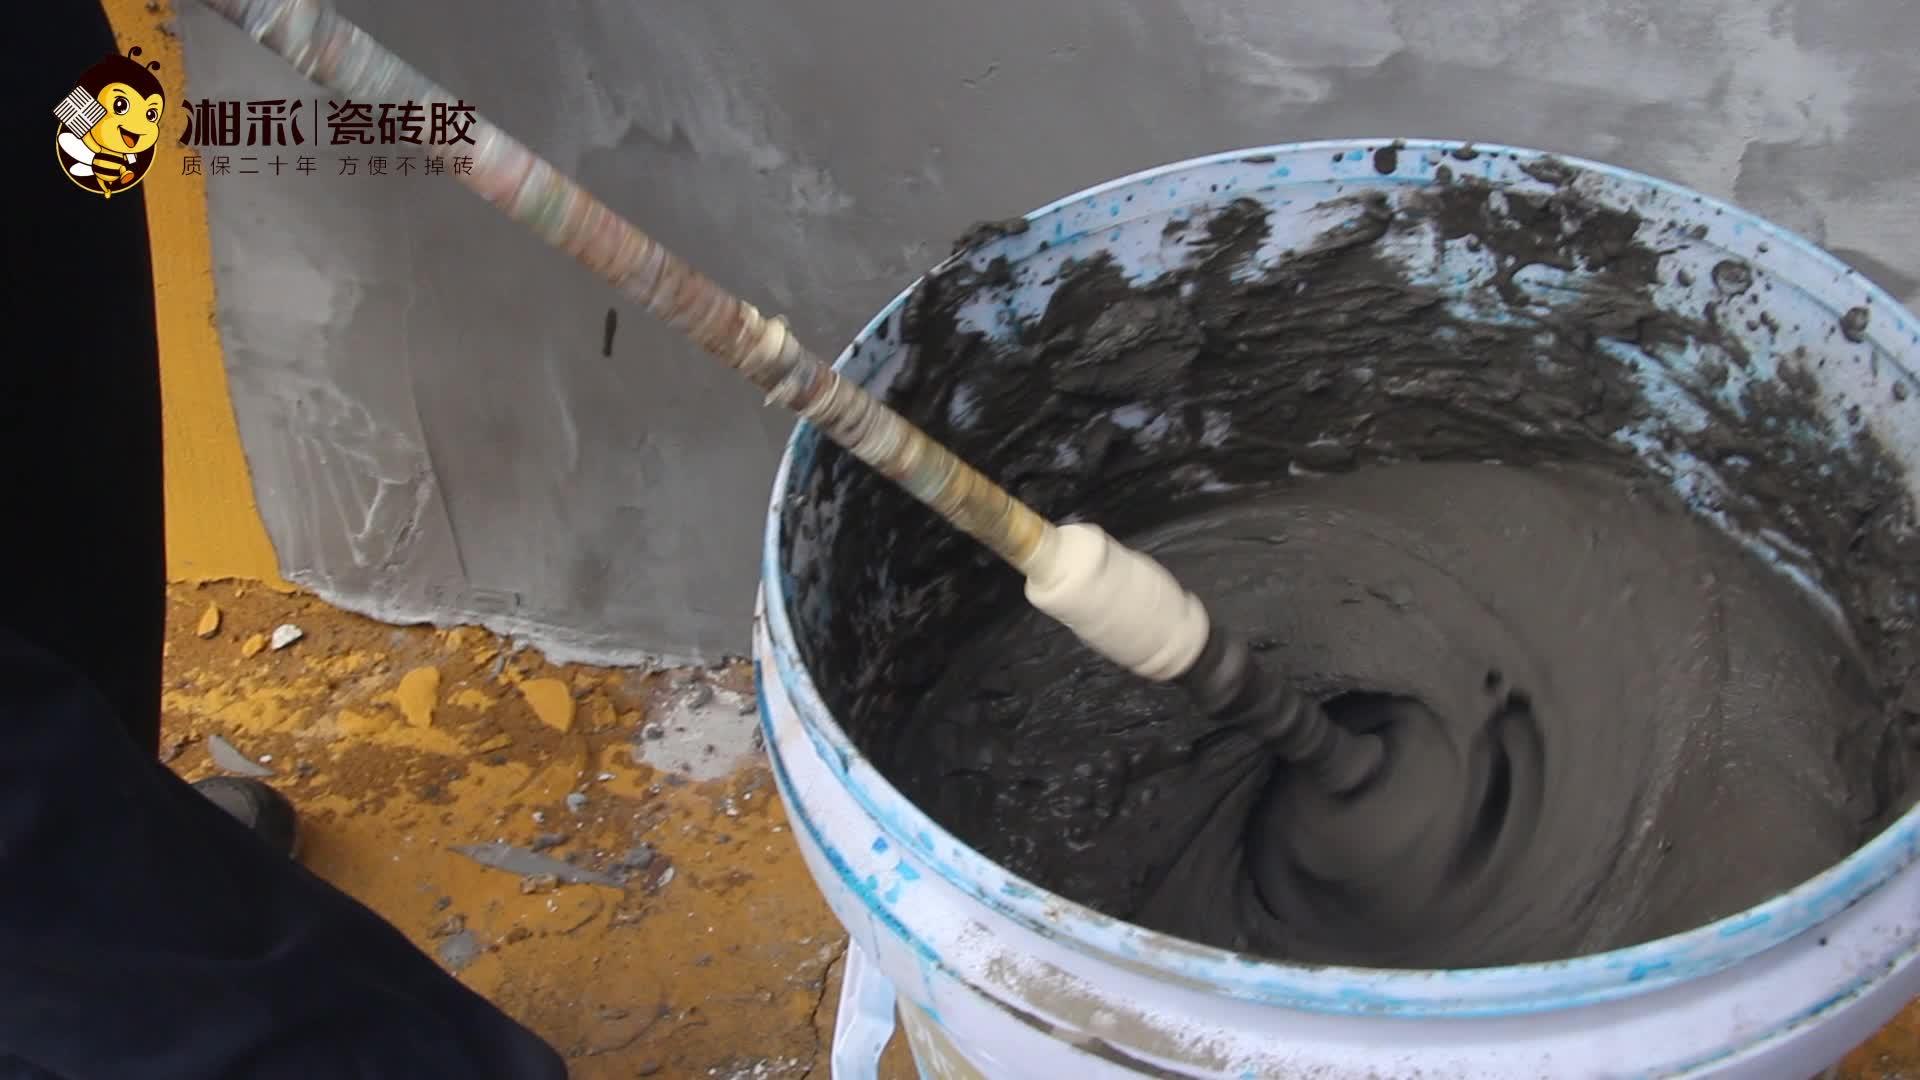 湘彩瓷砖胶施工 益胶泥施工步骤规范标准视频介绍